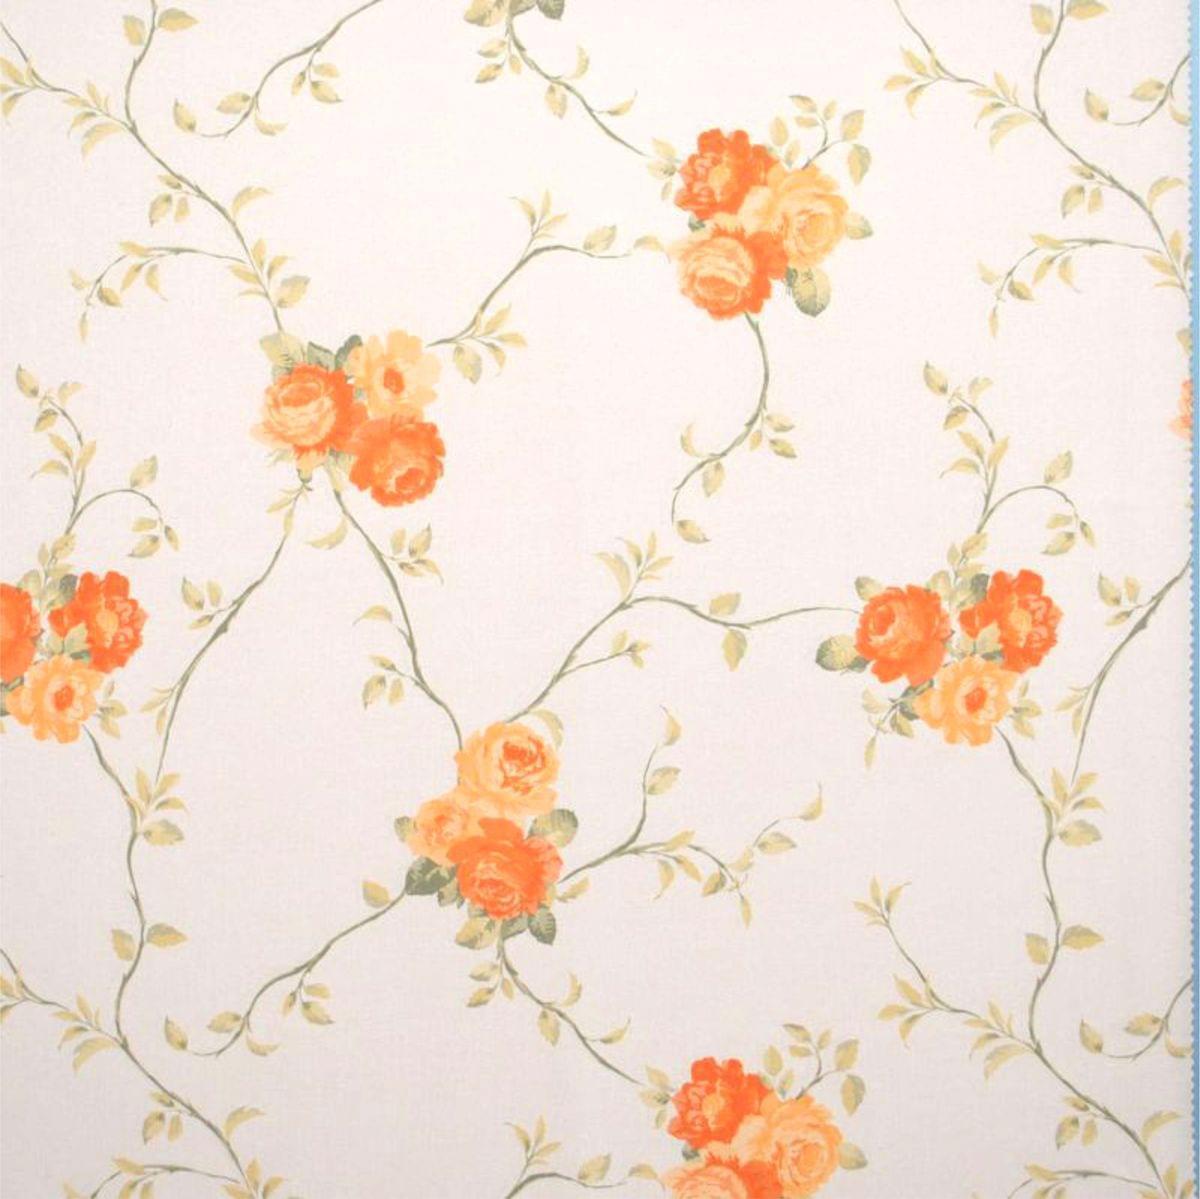 Forbyt, Dekorační látka, OXY Růže 150 cm, oranžozelená